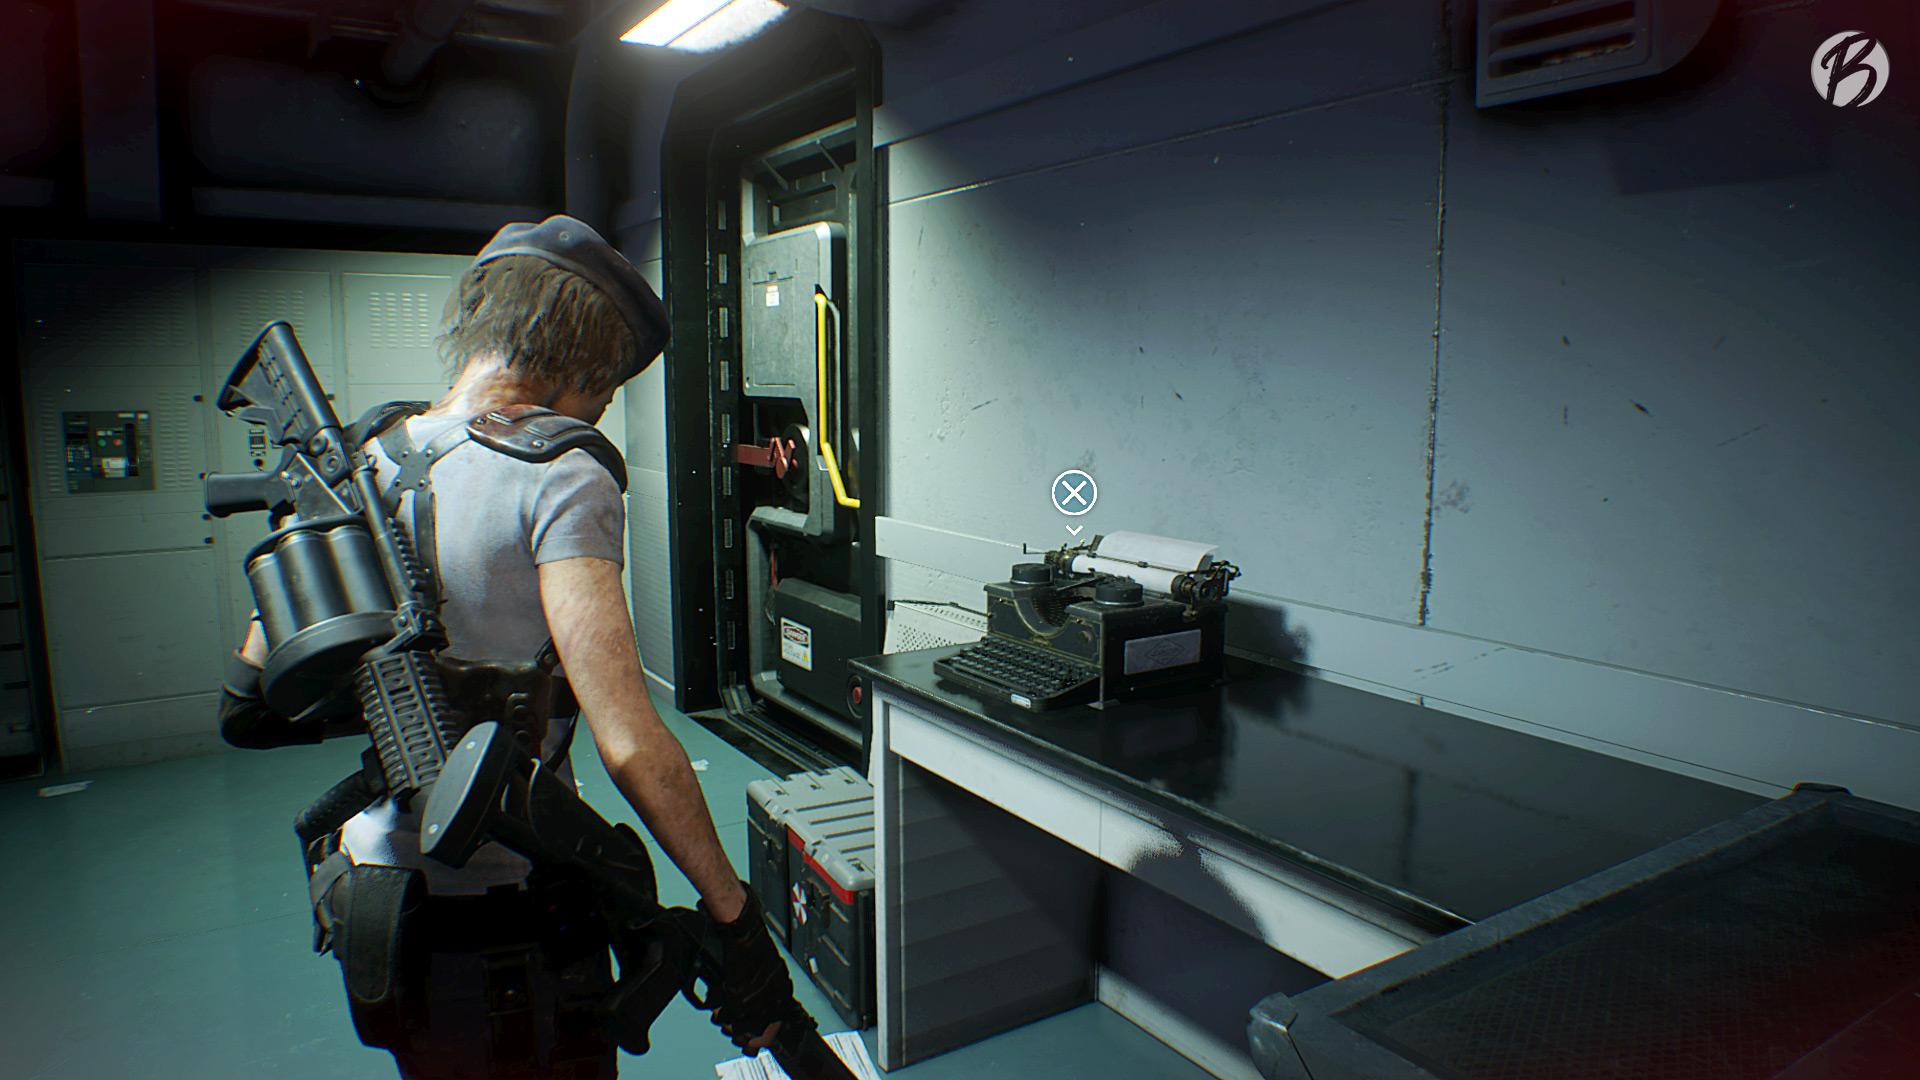 RESIDENT EVIL 3 (Remake) - Auch im dritten Teil wird stilecht wieder an einer uralten Schreibmaschine gespeichert.